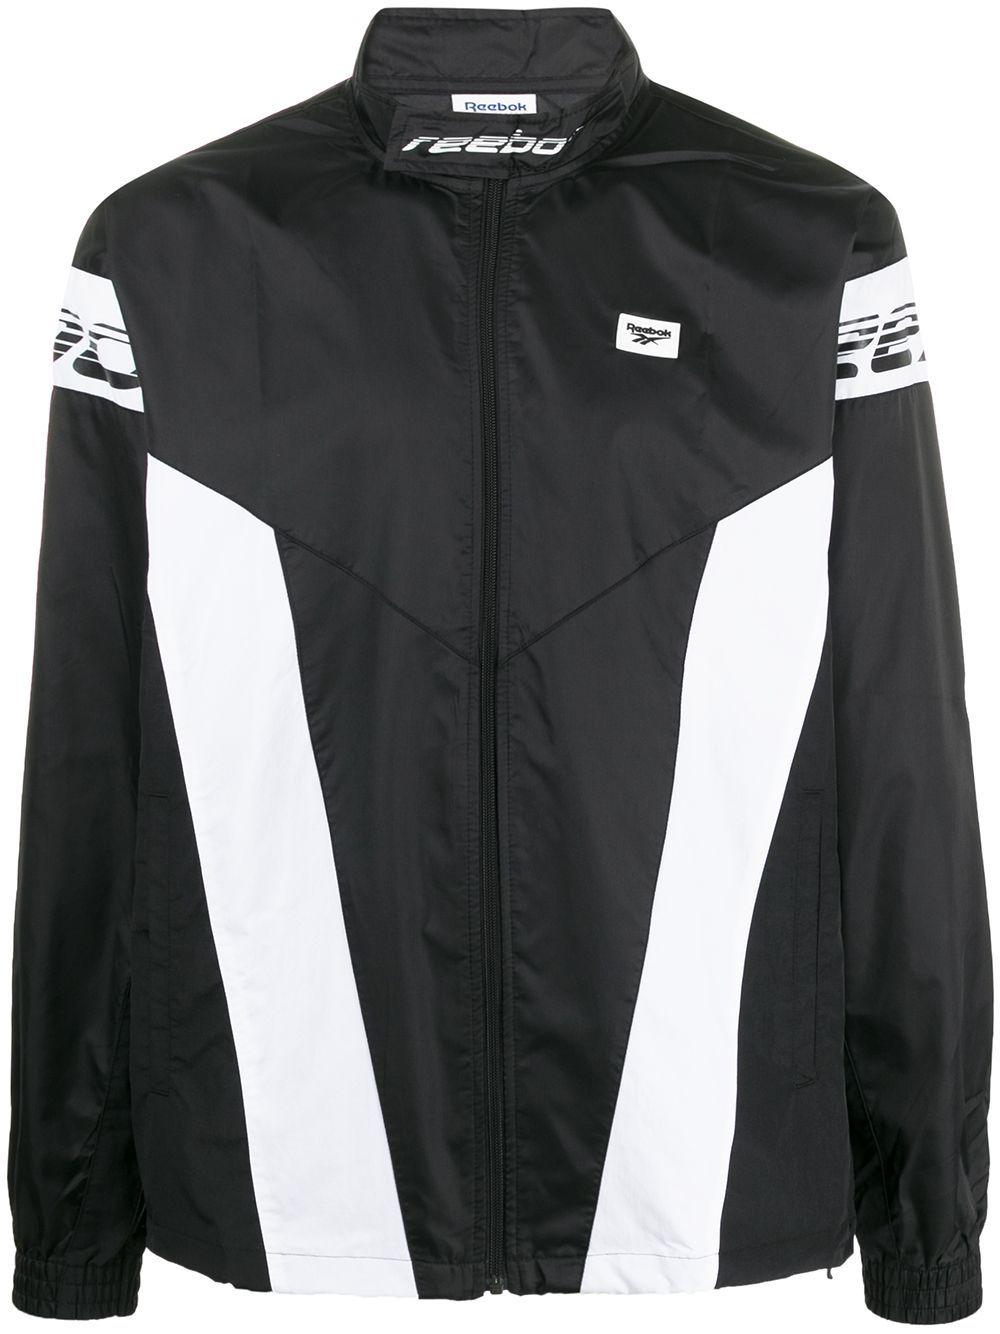 Reebok Logo Strap Jacket Farfetch Reebok Logo Jackets Black And White Logos [ 1334 x 1000 Pixel ]